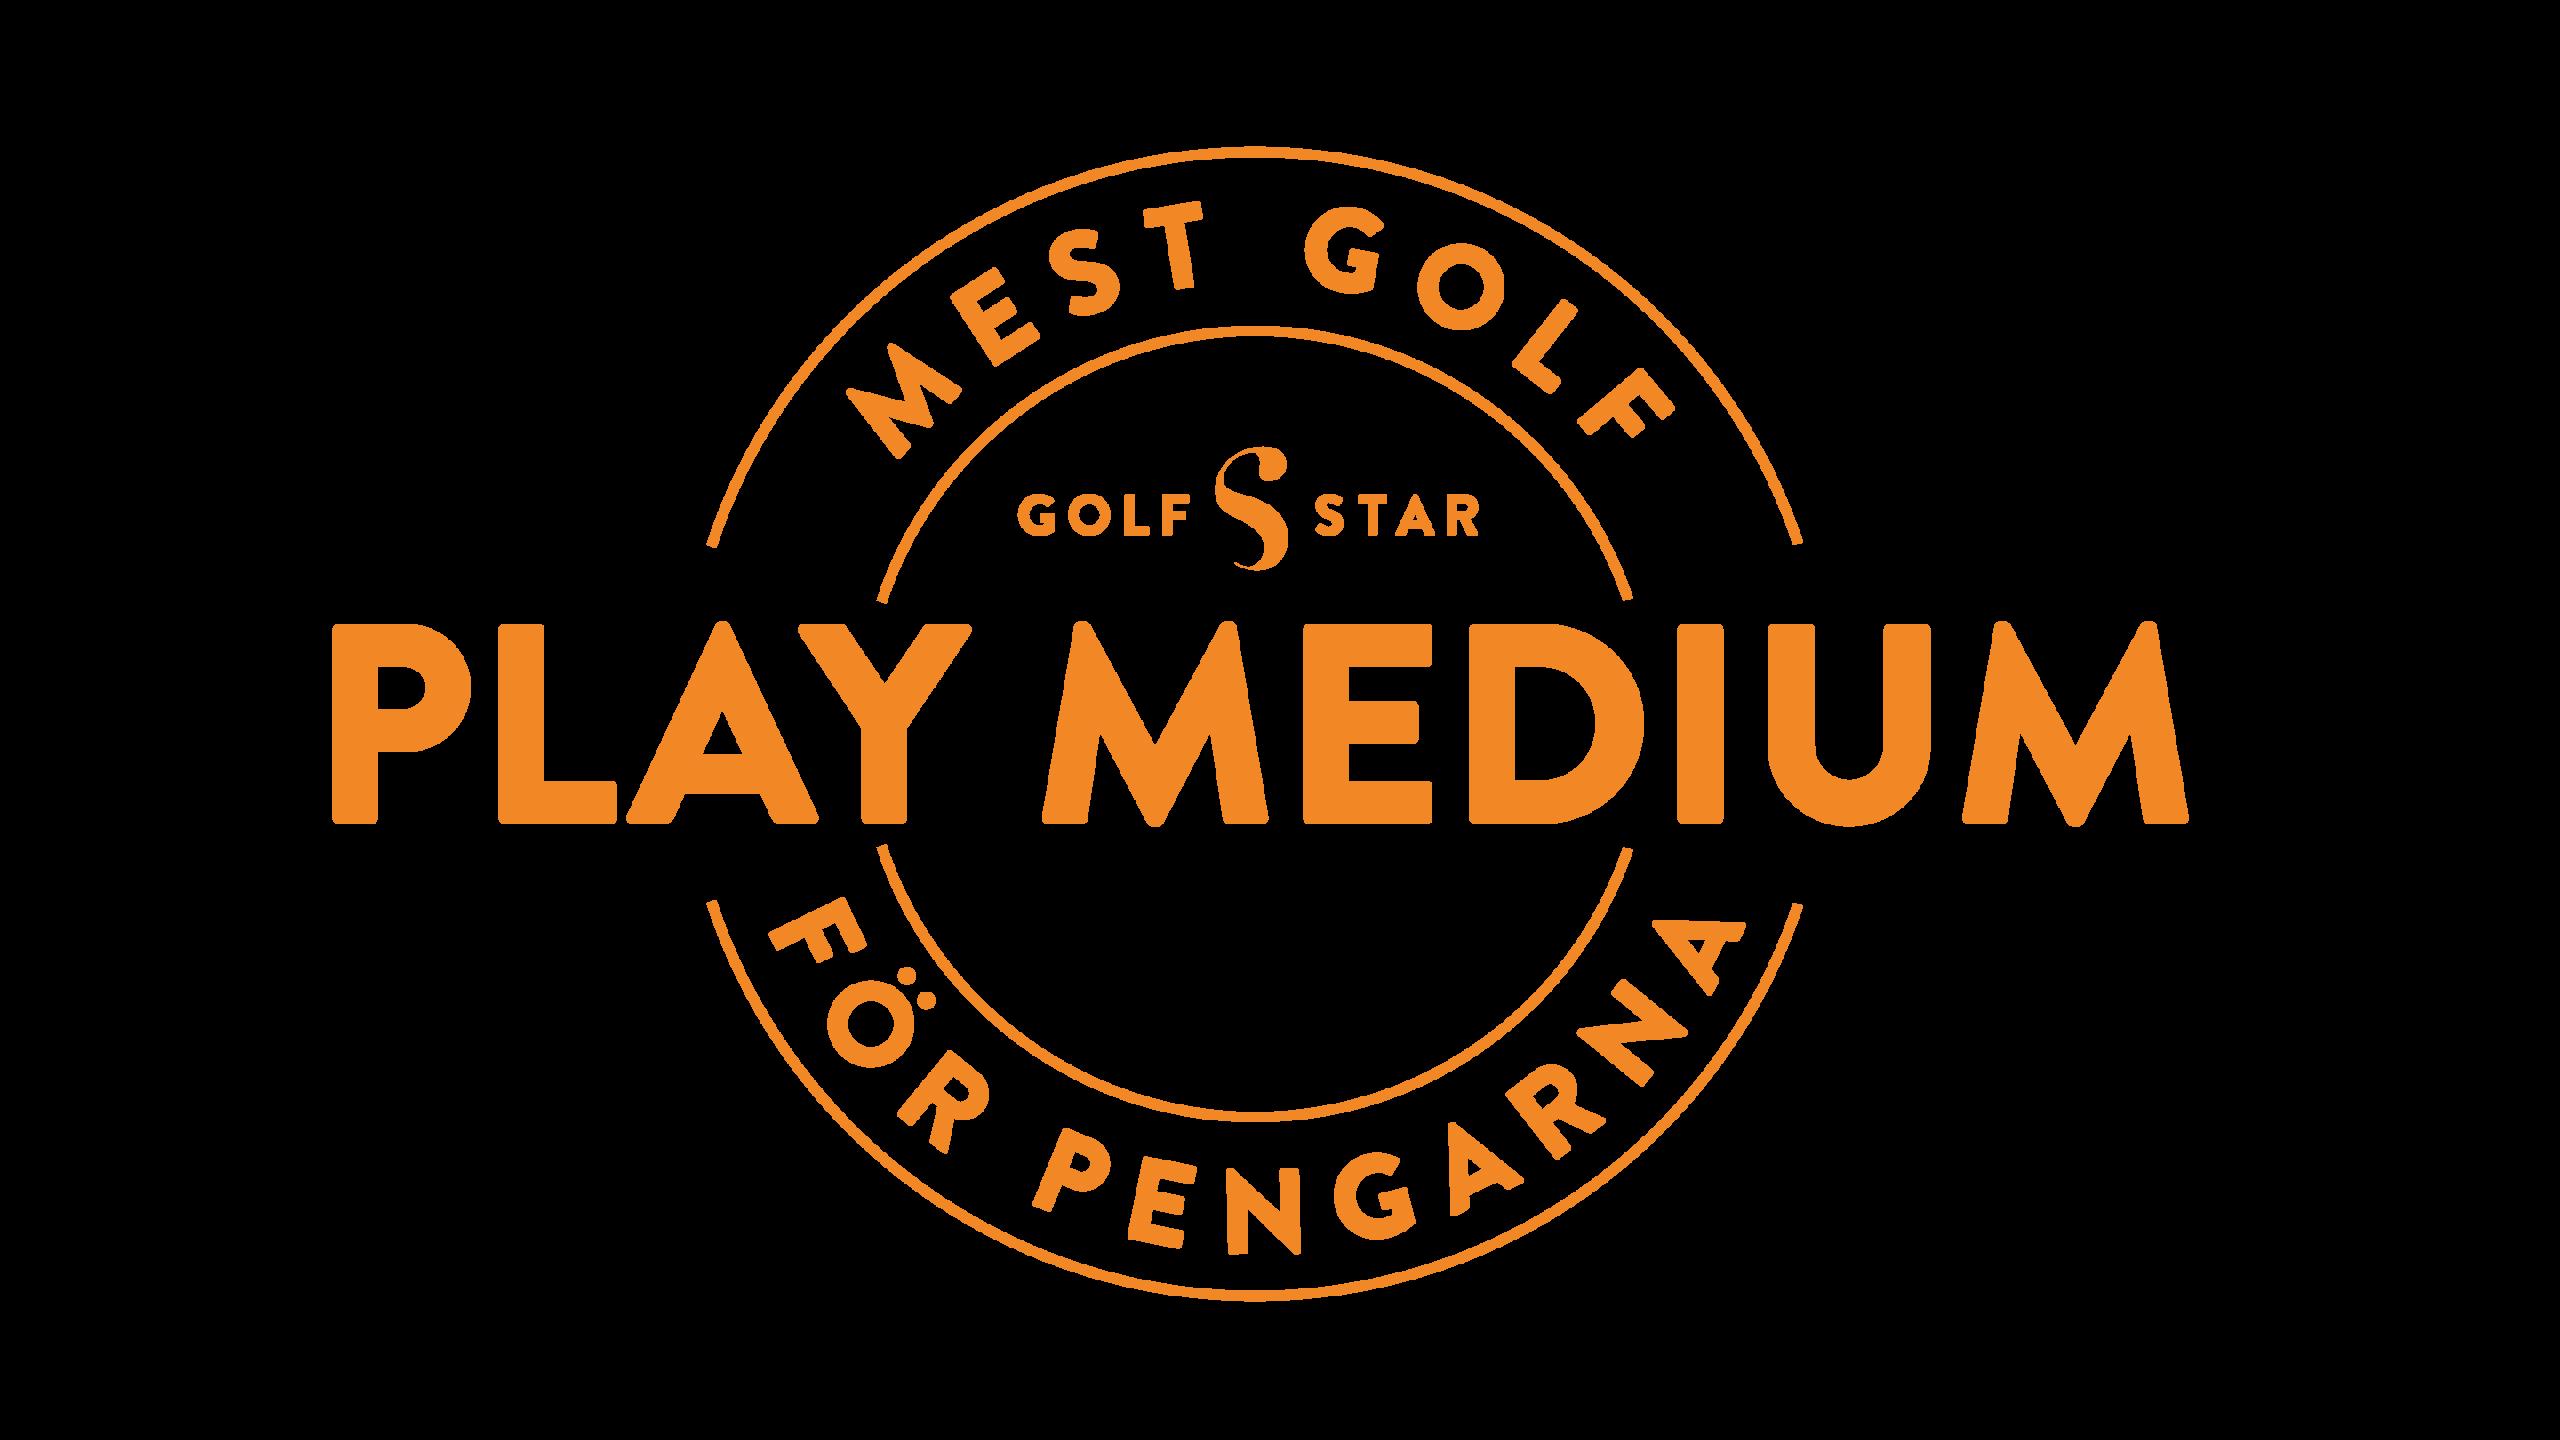 GolfStar Play Medium